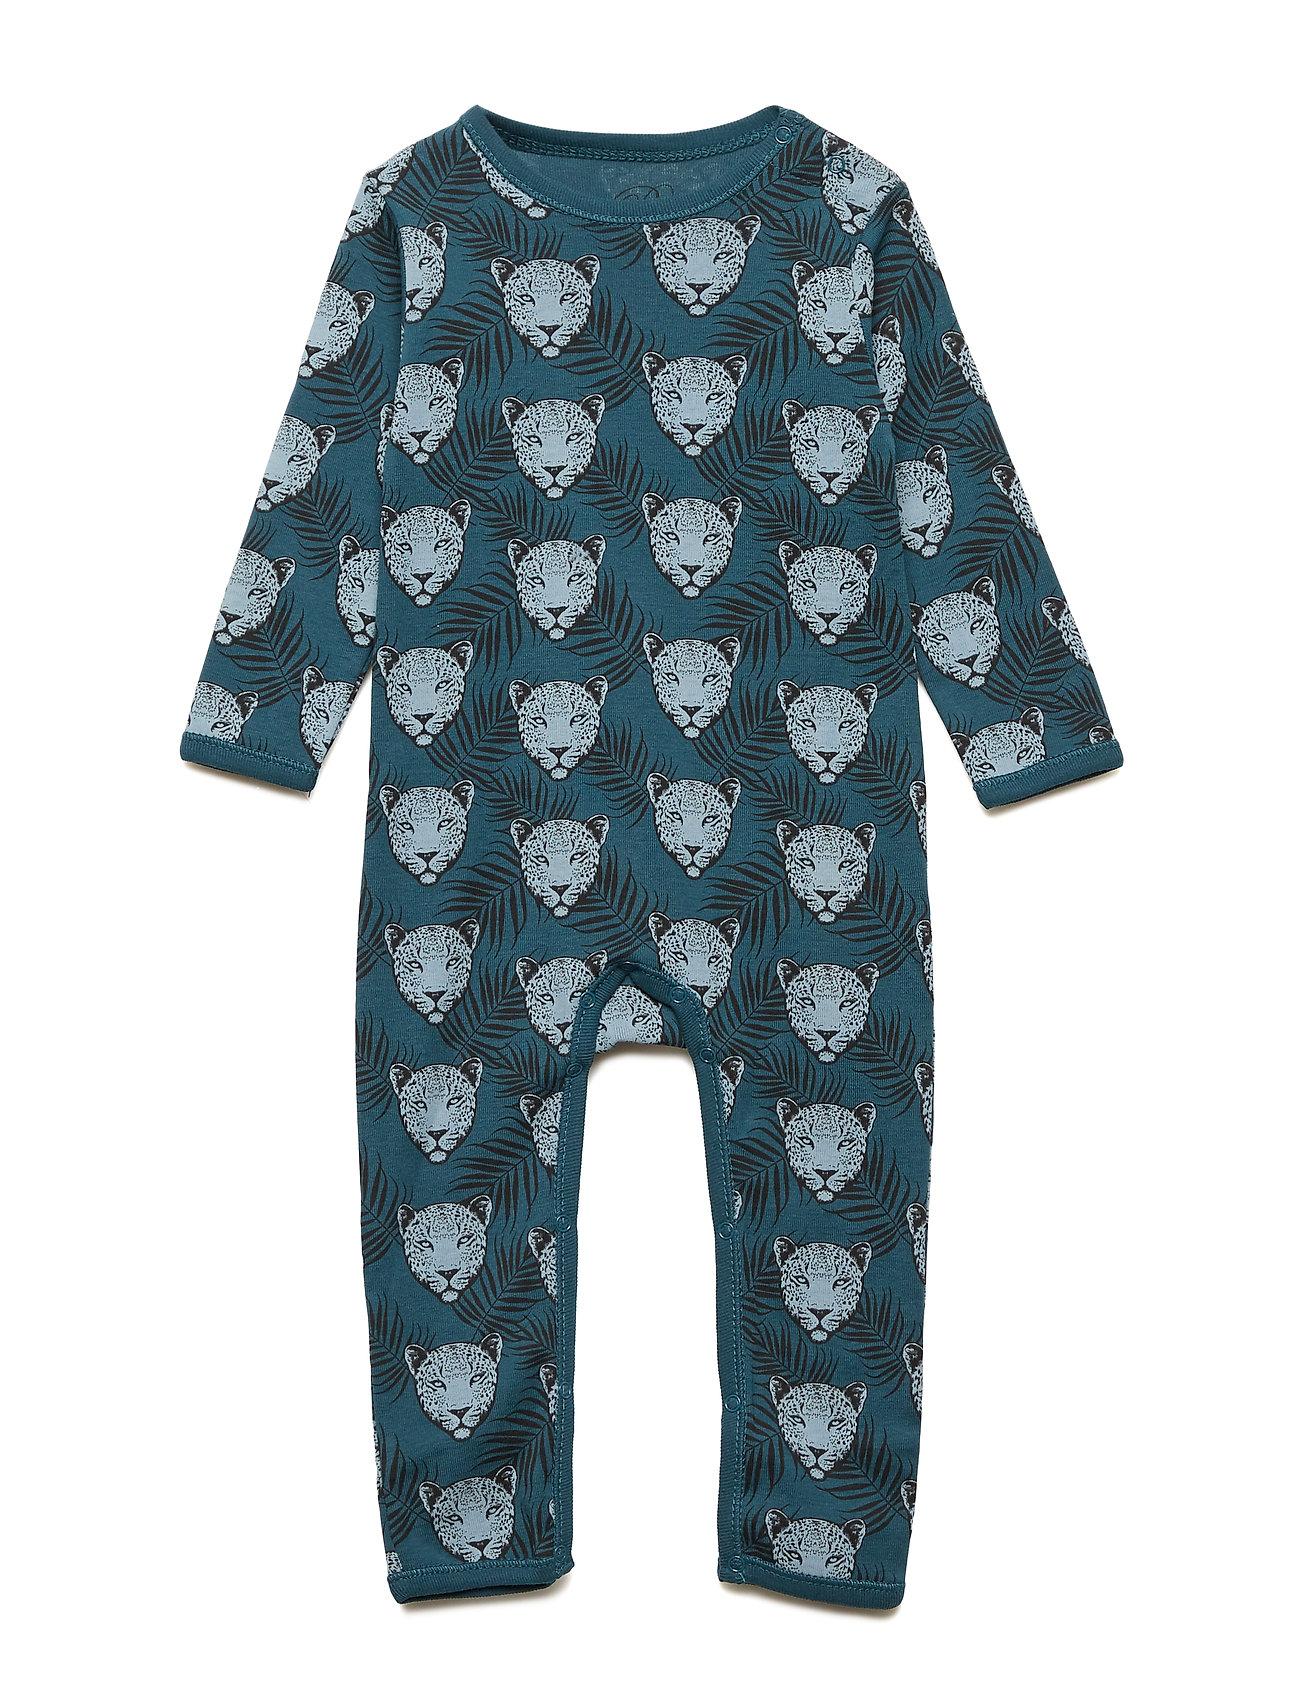 4c7d5685704 Jumpsuit (Safari) (£15) - Petit by Sofie Schnoor -   Boozt.com